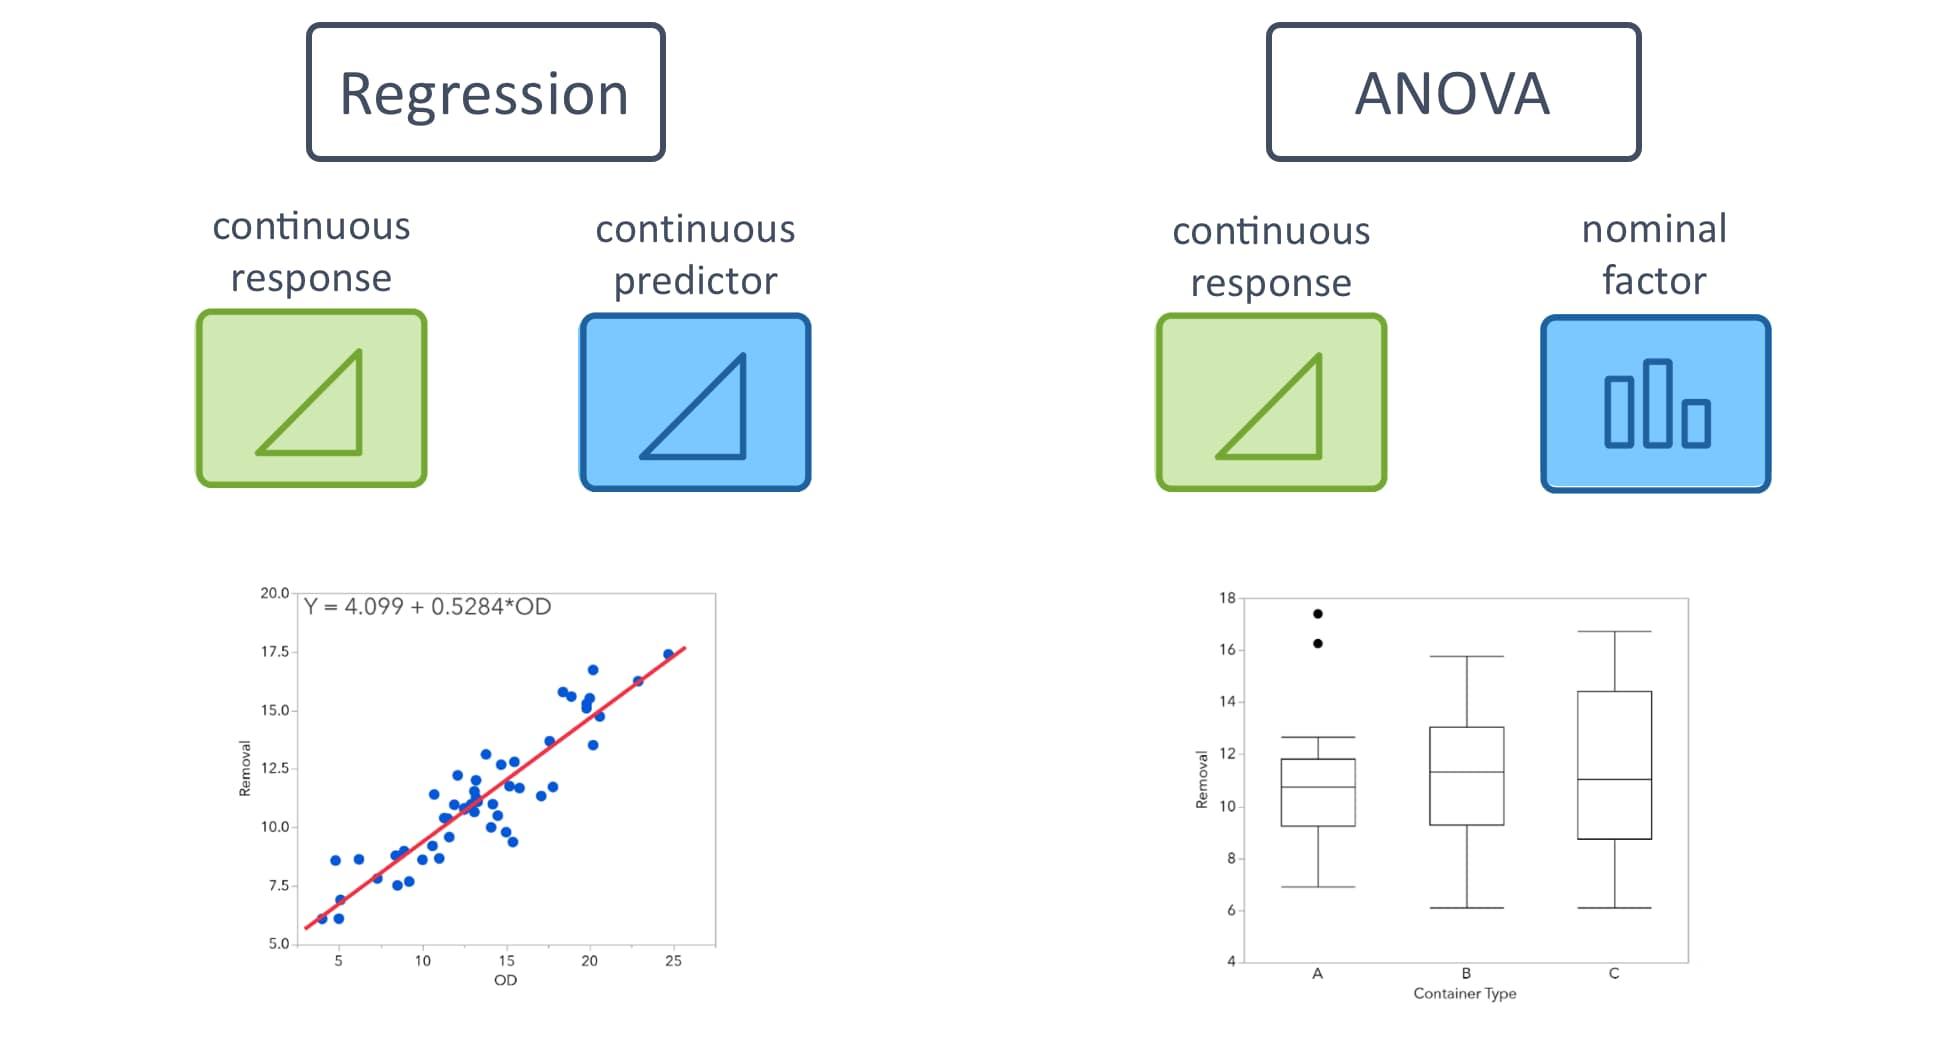 Simple Linear Regression vs ANOVA